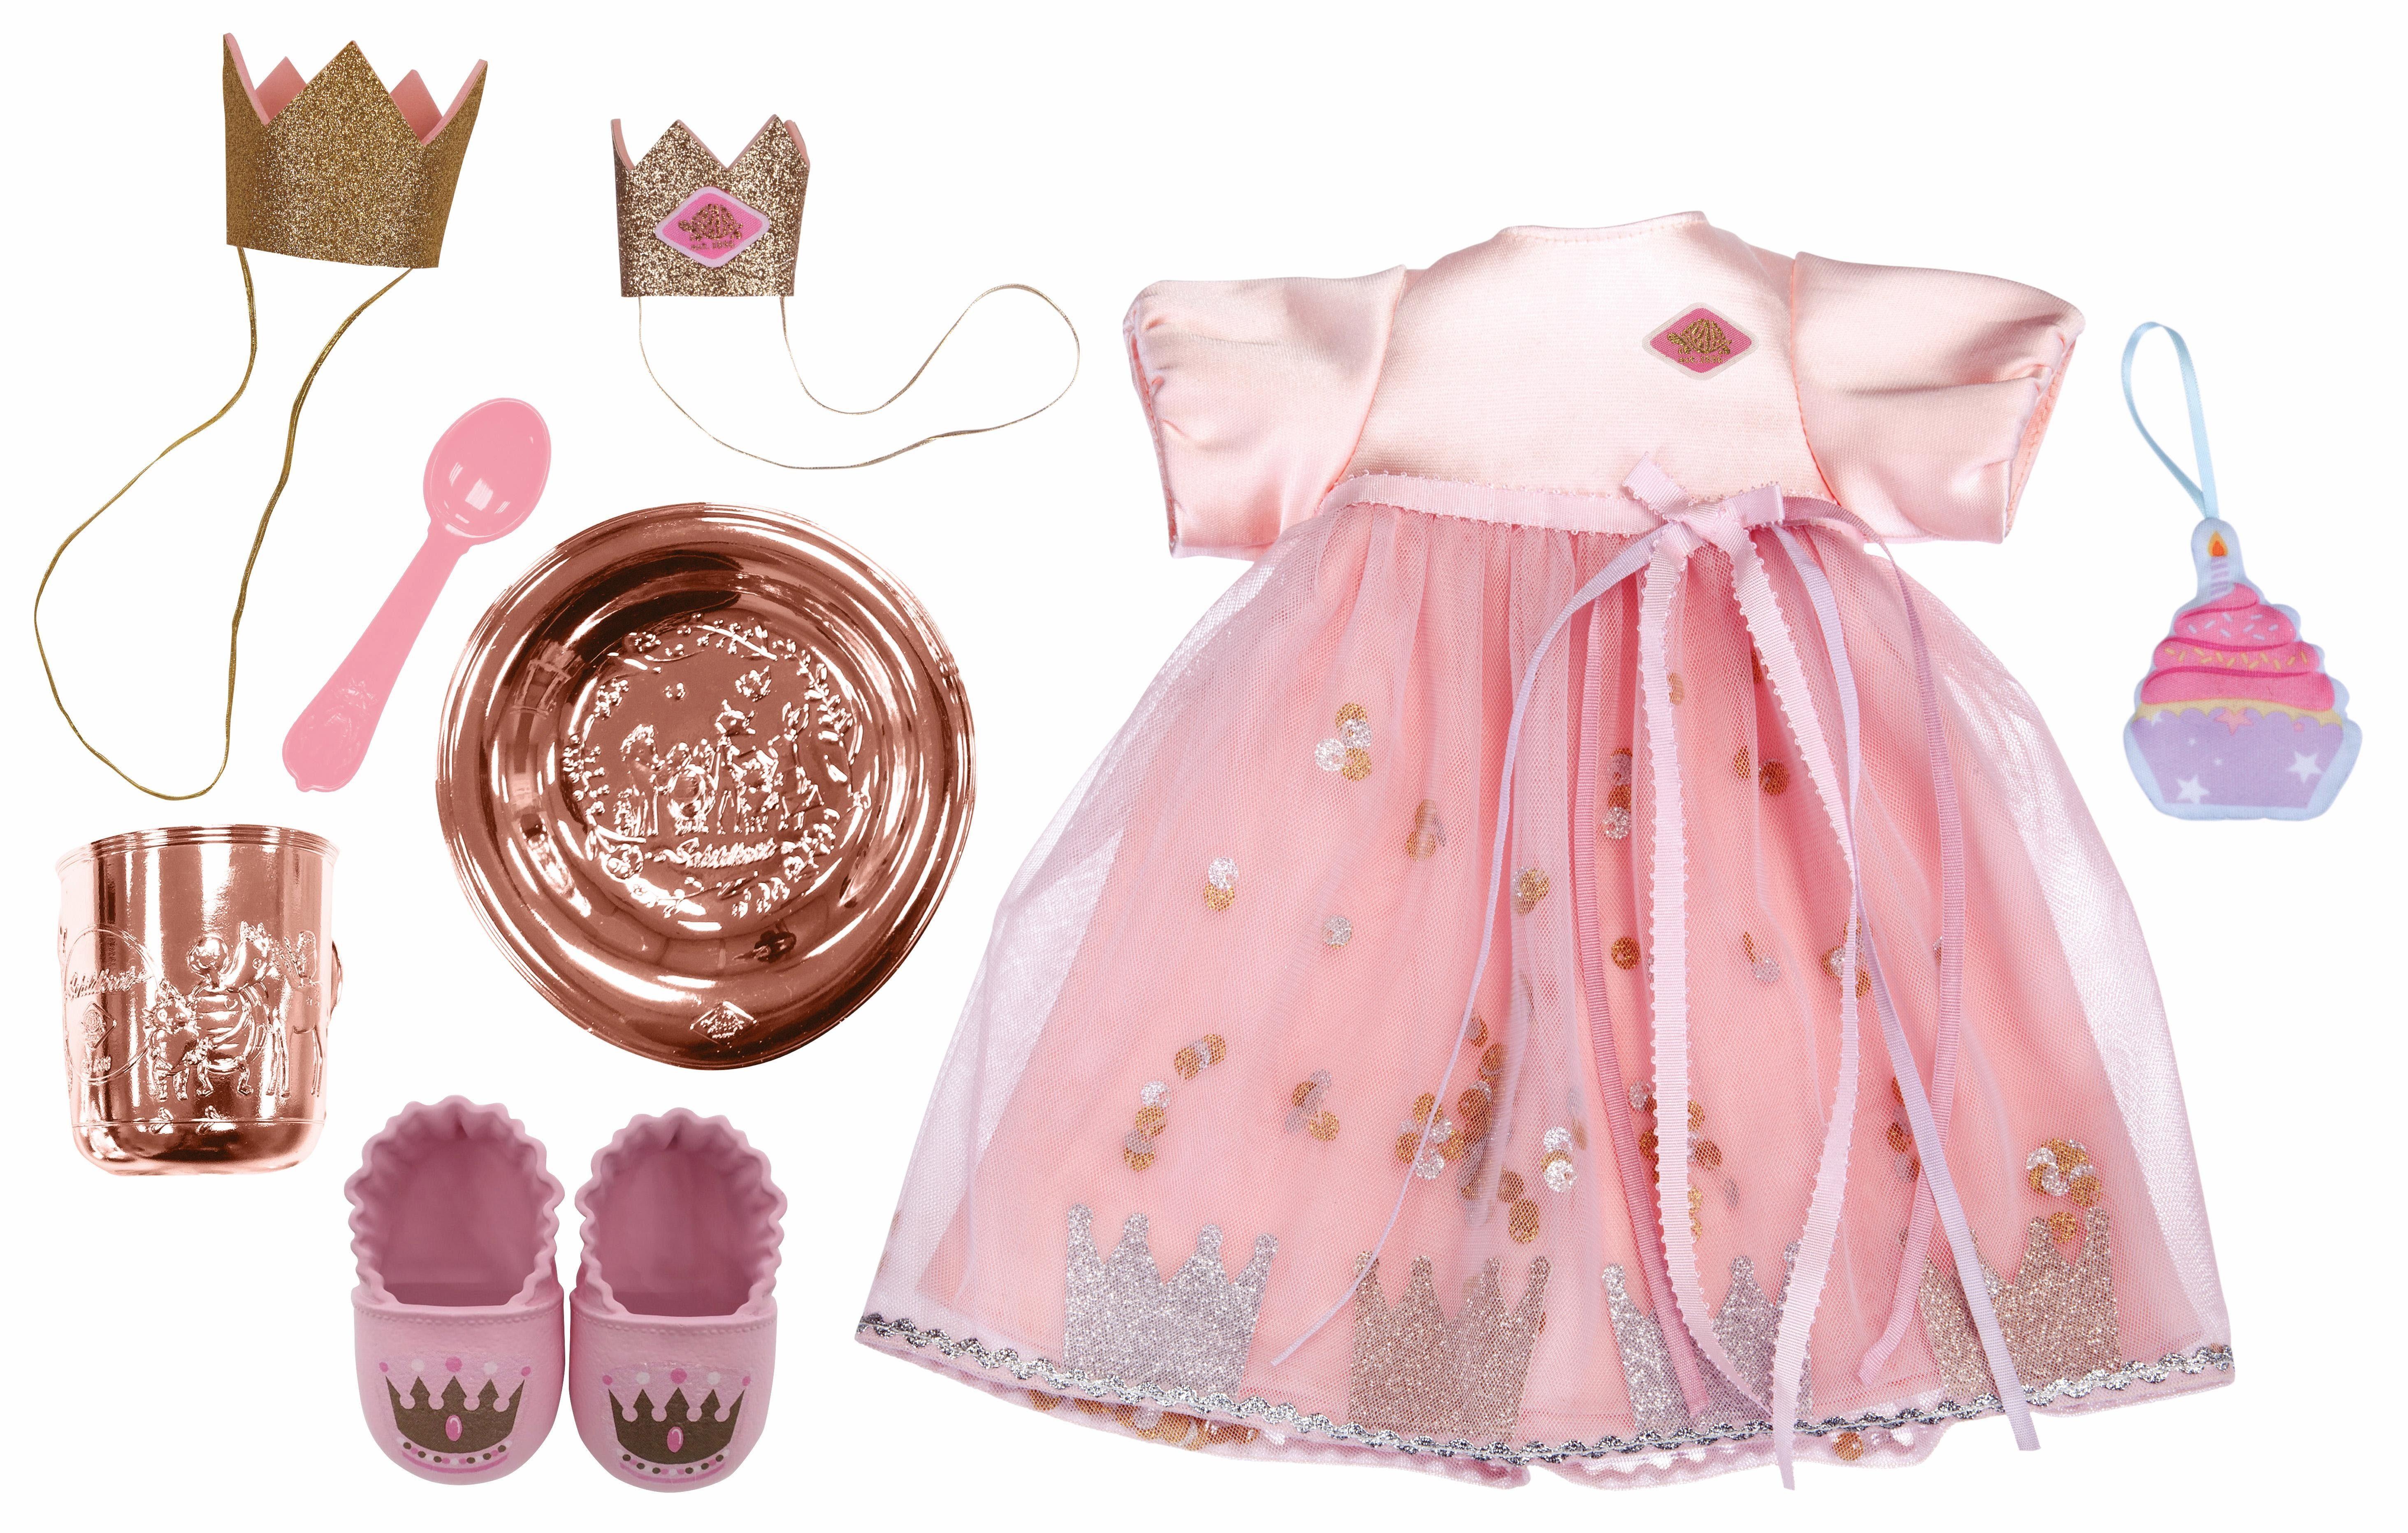 Schildkröt Puppenbekleidung, »Kids - Deluxe Fashion Set »Mein Prinzessinnen Geburtstag««